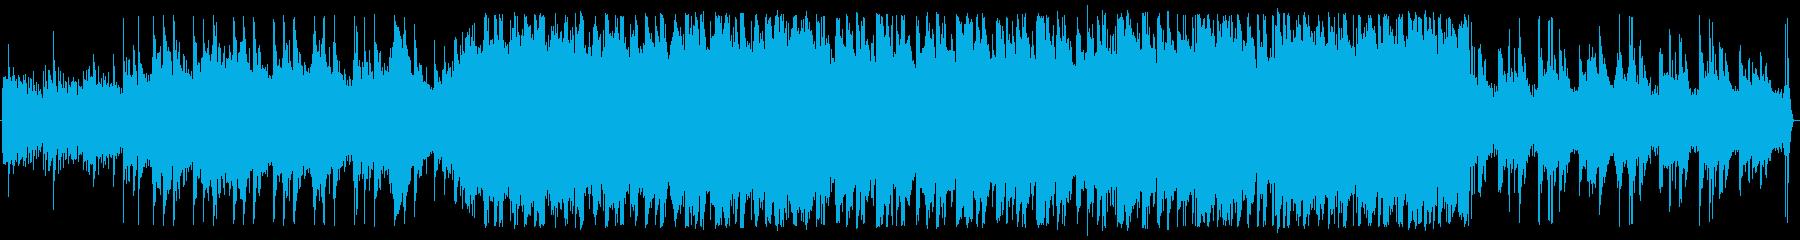 何かが起こりそうな緊張感のあるホラーの再生済みの波形